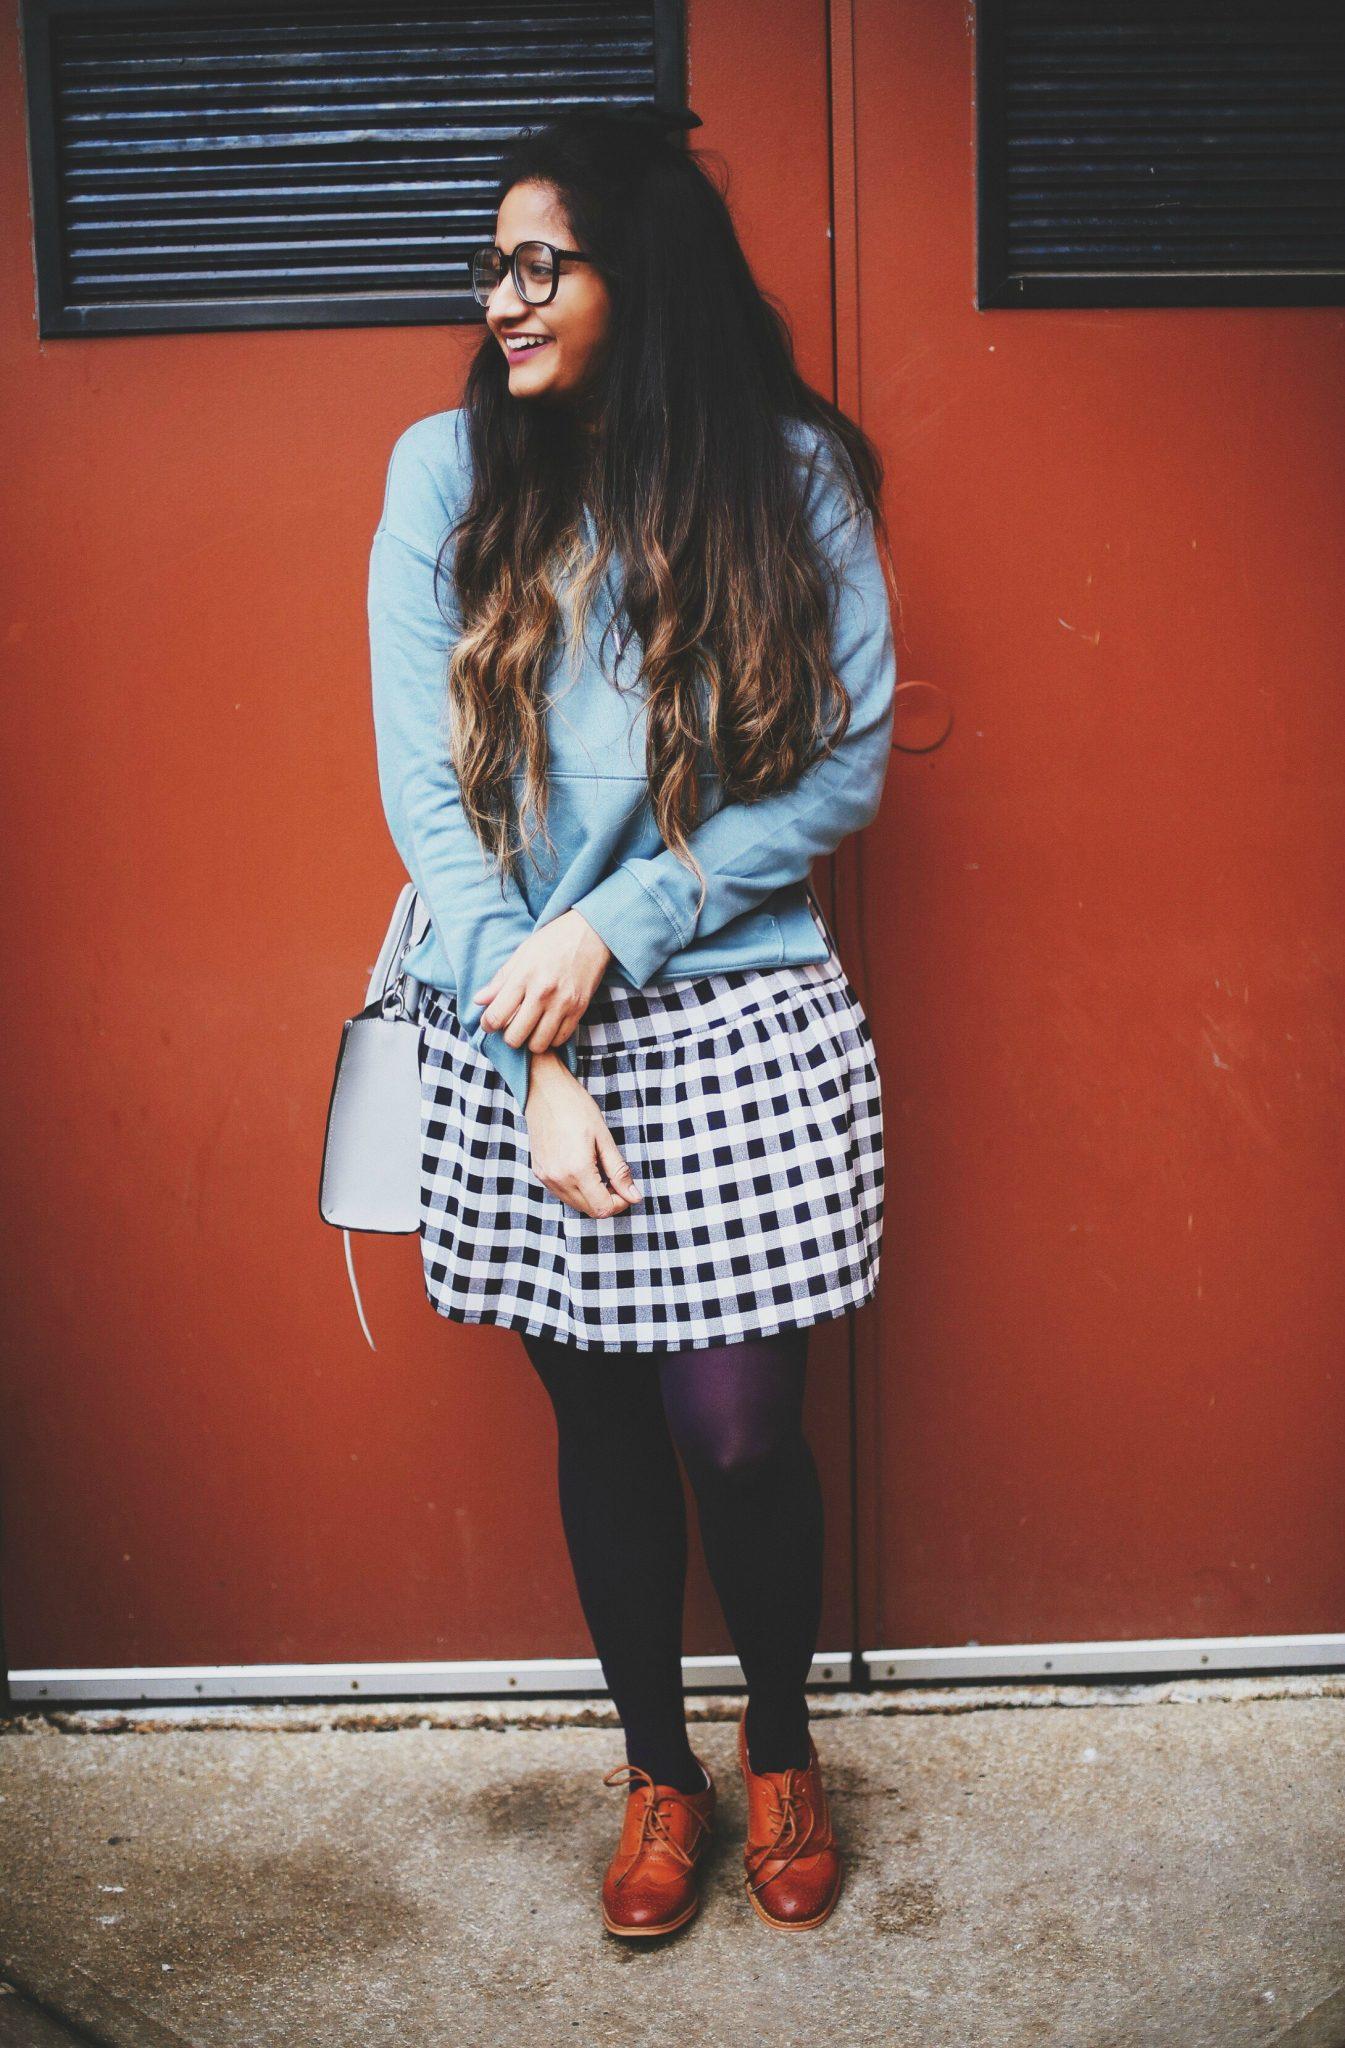 hm-sweatshirt-over-dress-look-2